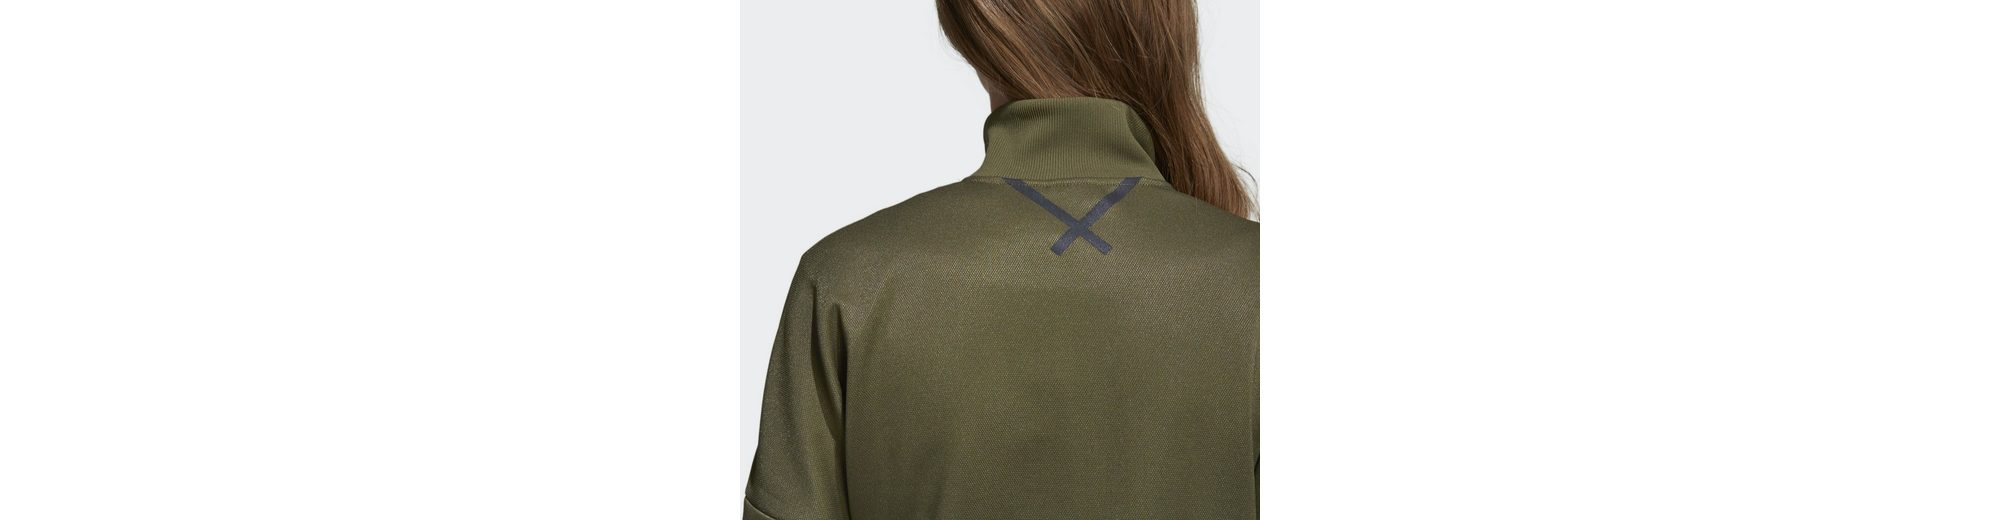 adidas Originals Sweatjacke XBYO Long Originals Jacke Freies Verschiffen Sneakernews Neuankömmling Spielraum Wählen Eine Beste Modestil 9b55xgzAz